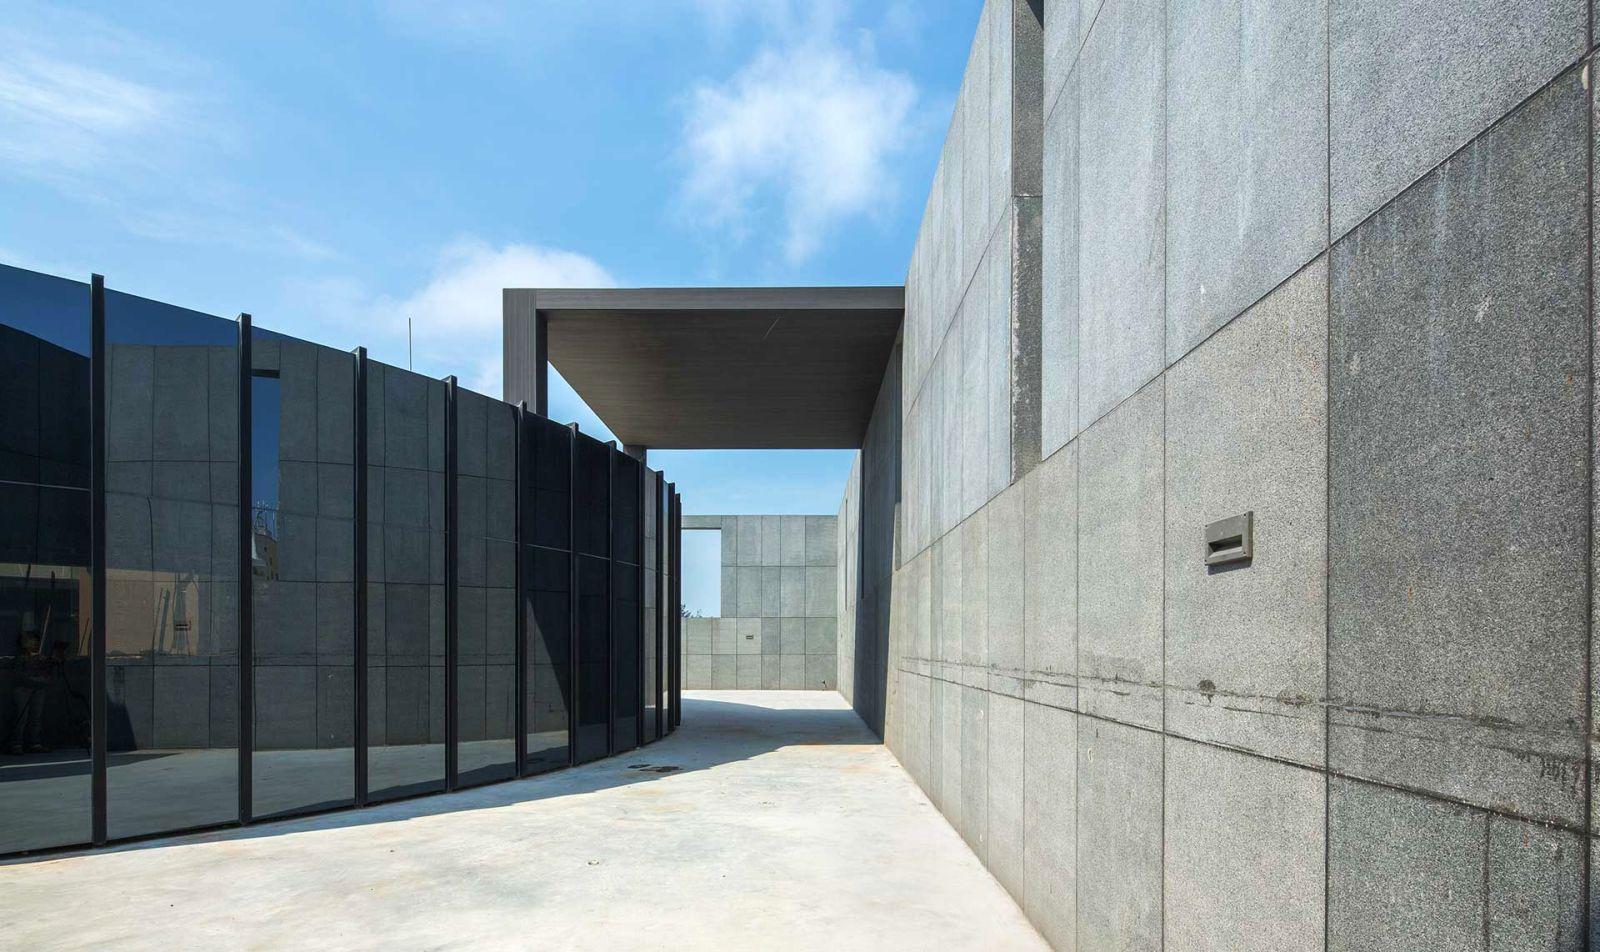 09-Dingli-Art-Museum-by-ATR-Atelier